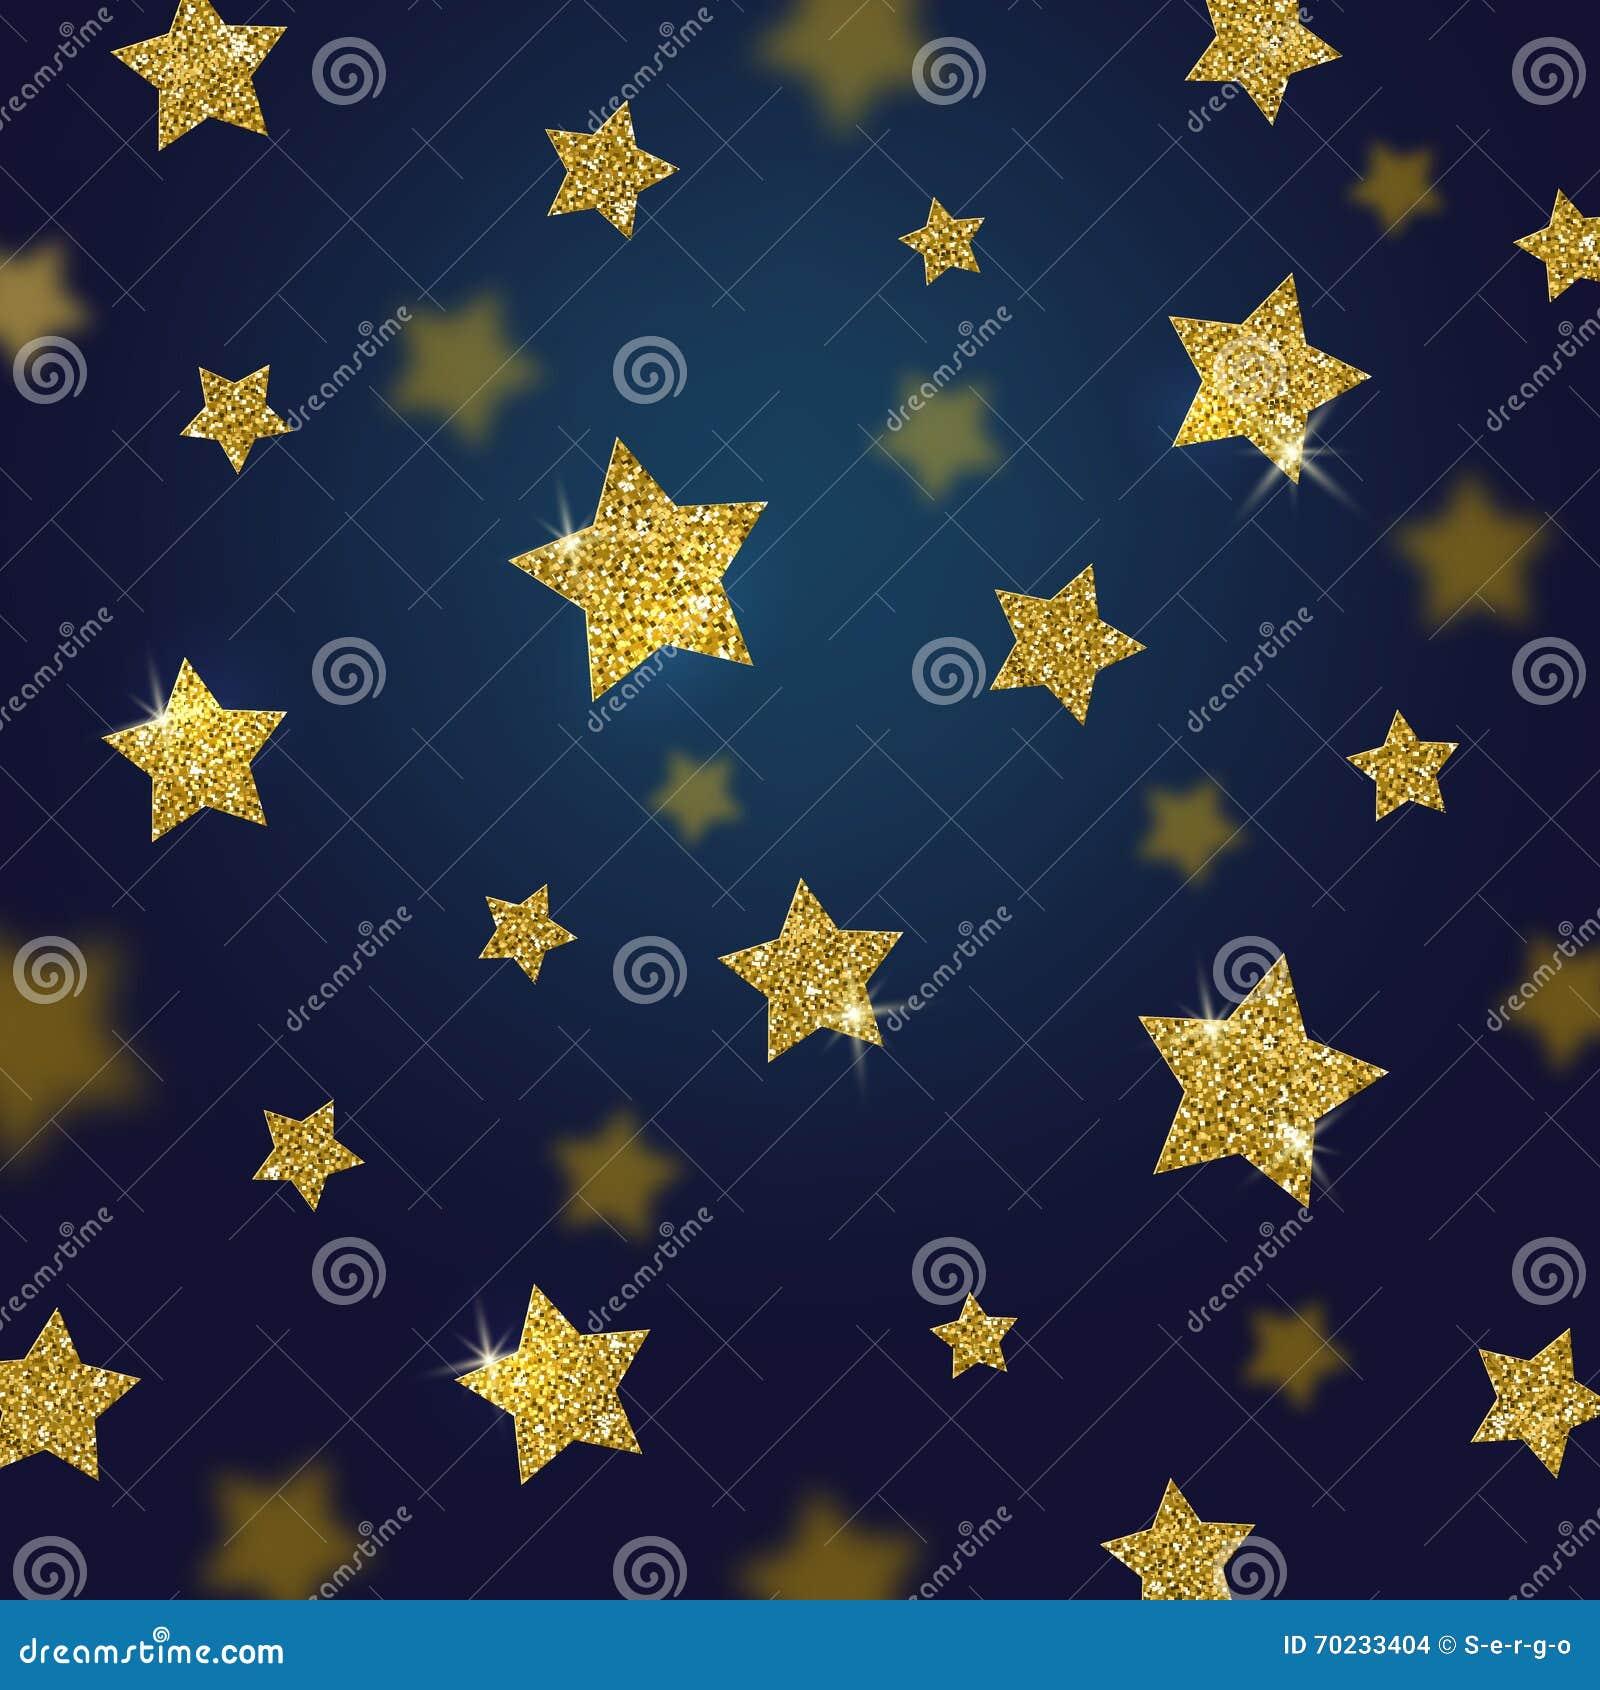 Glitter Gold Stars Background Stock Vector Illustration